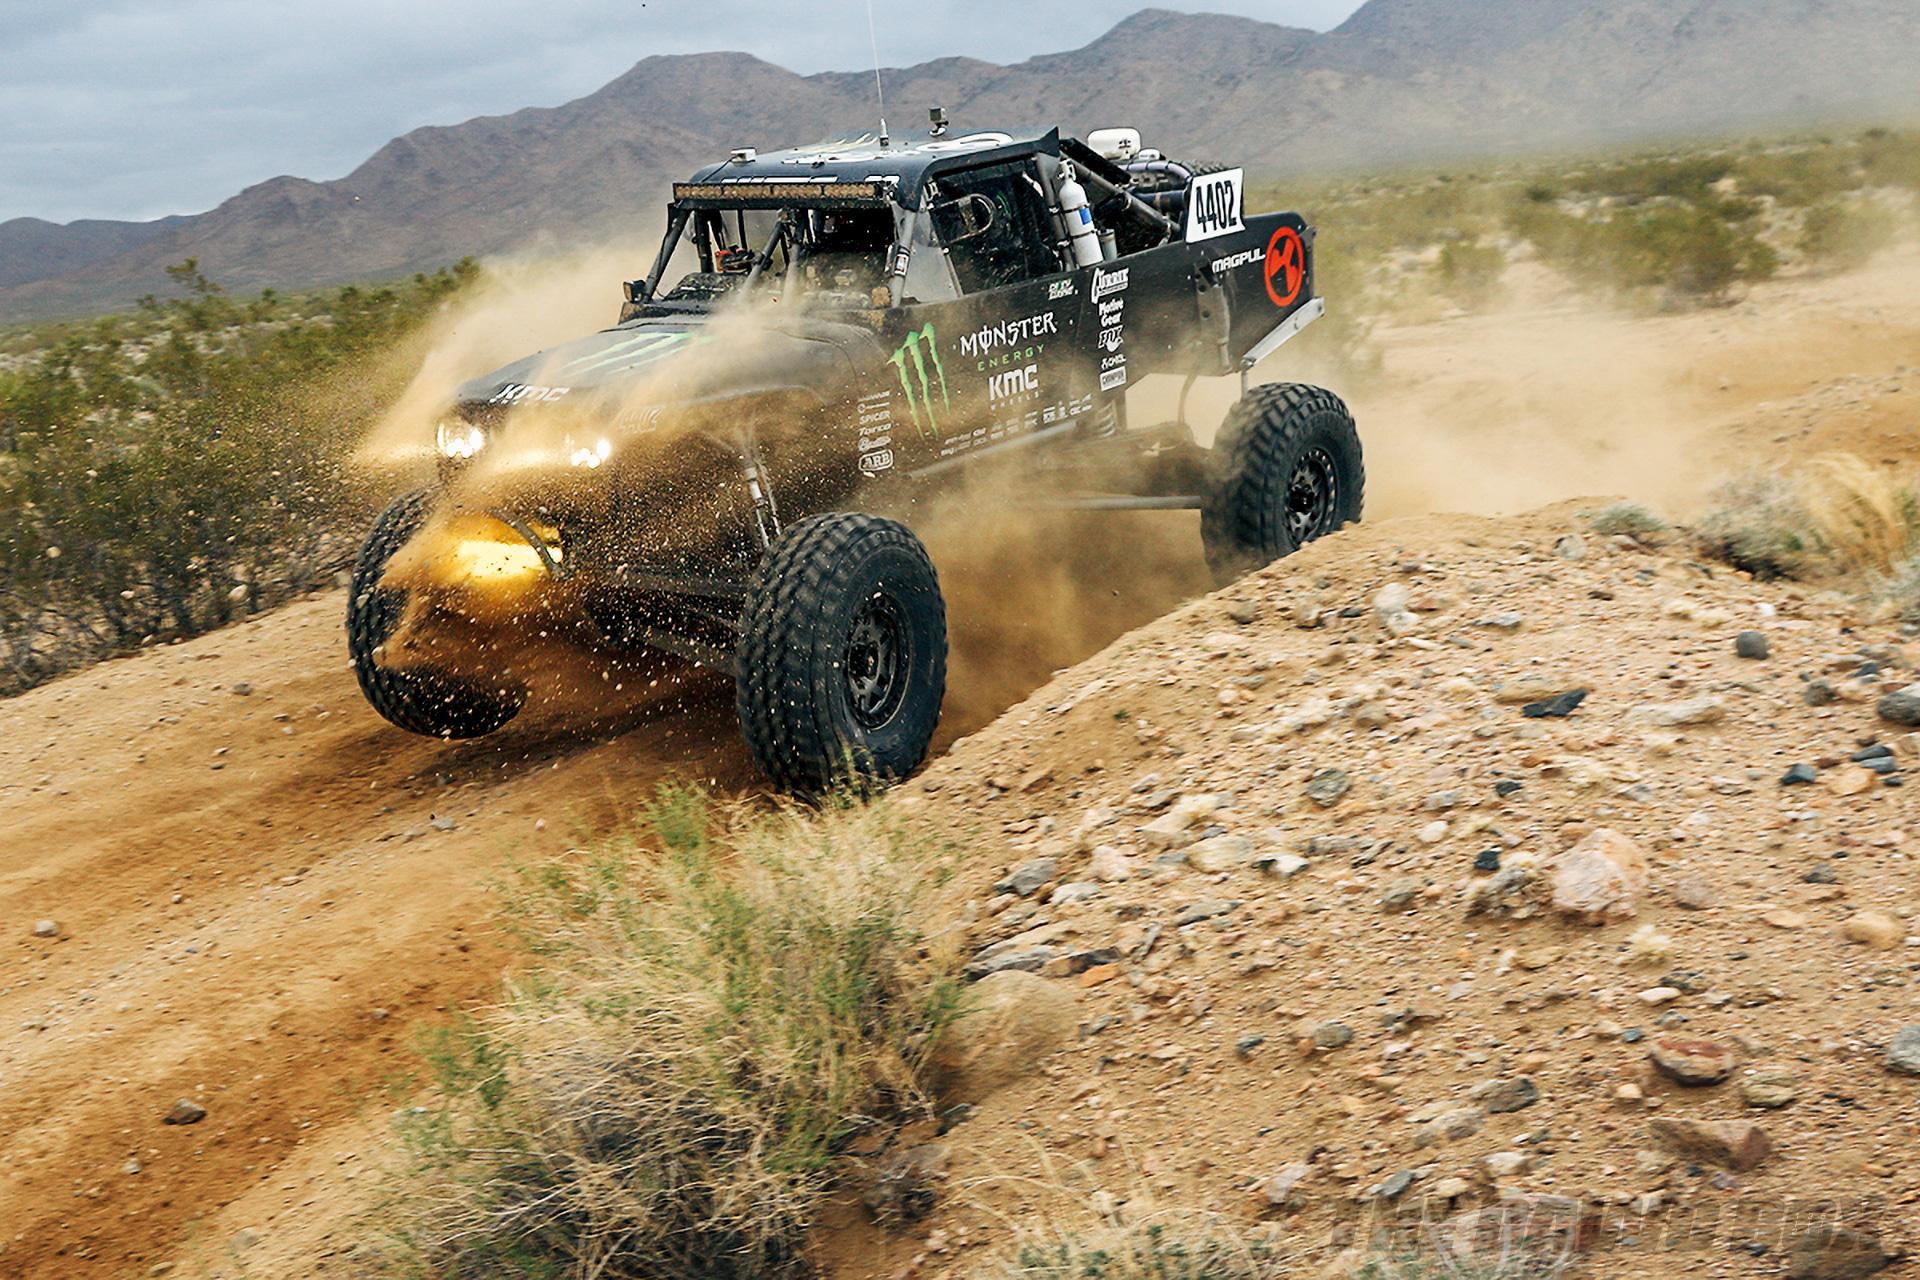 Black, Monster Energy sponsored rock racer speeding over a desert road